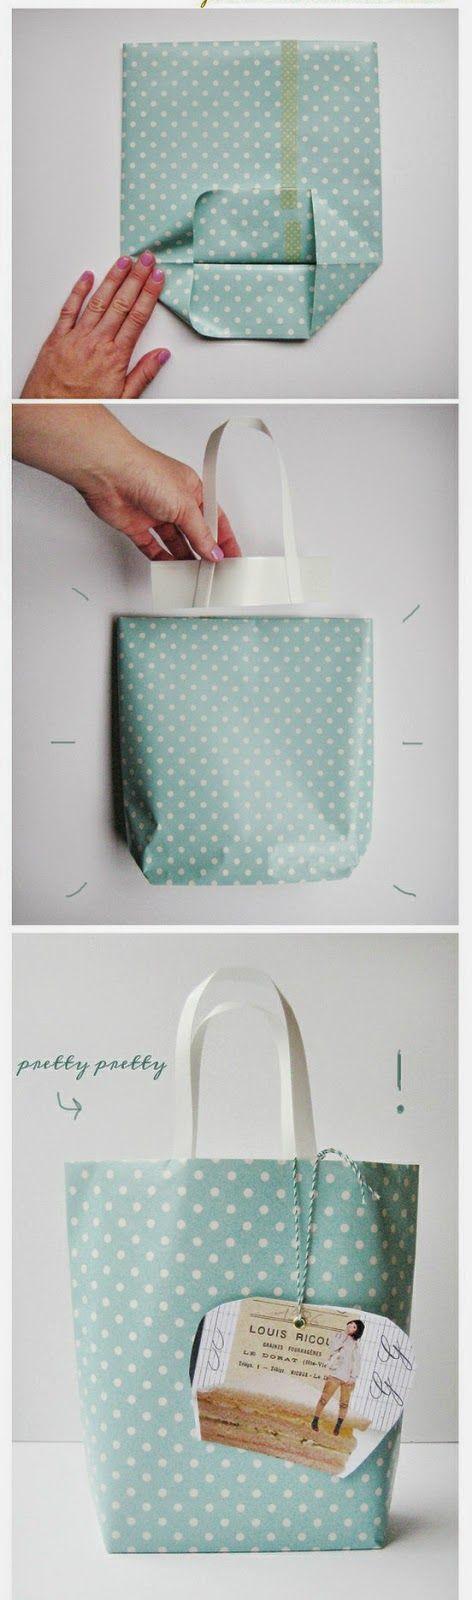 Relasé: Idee regalo: busta DIY da confezionare!